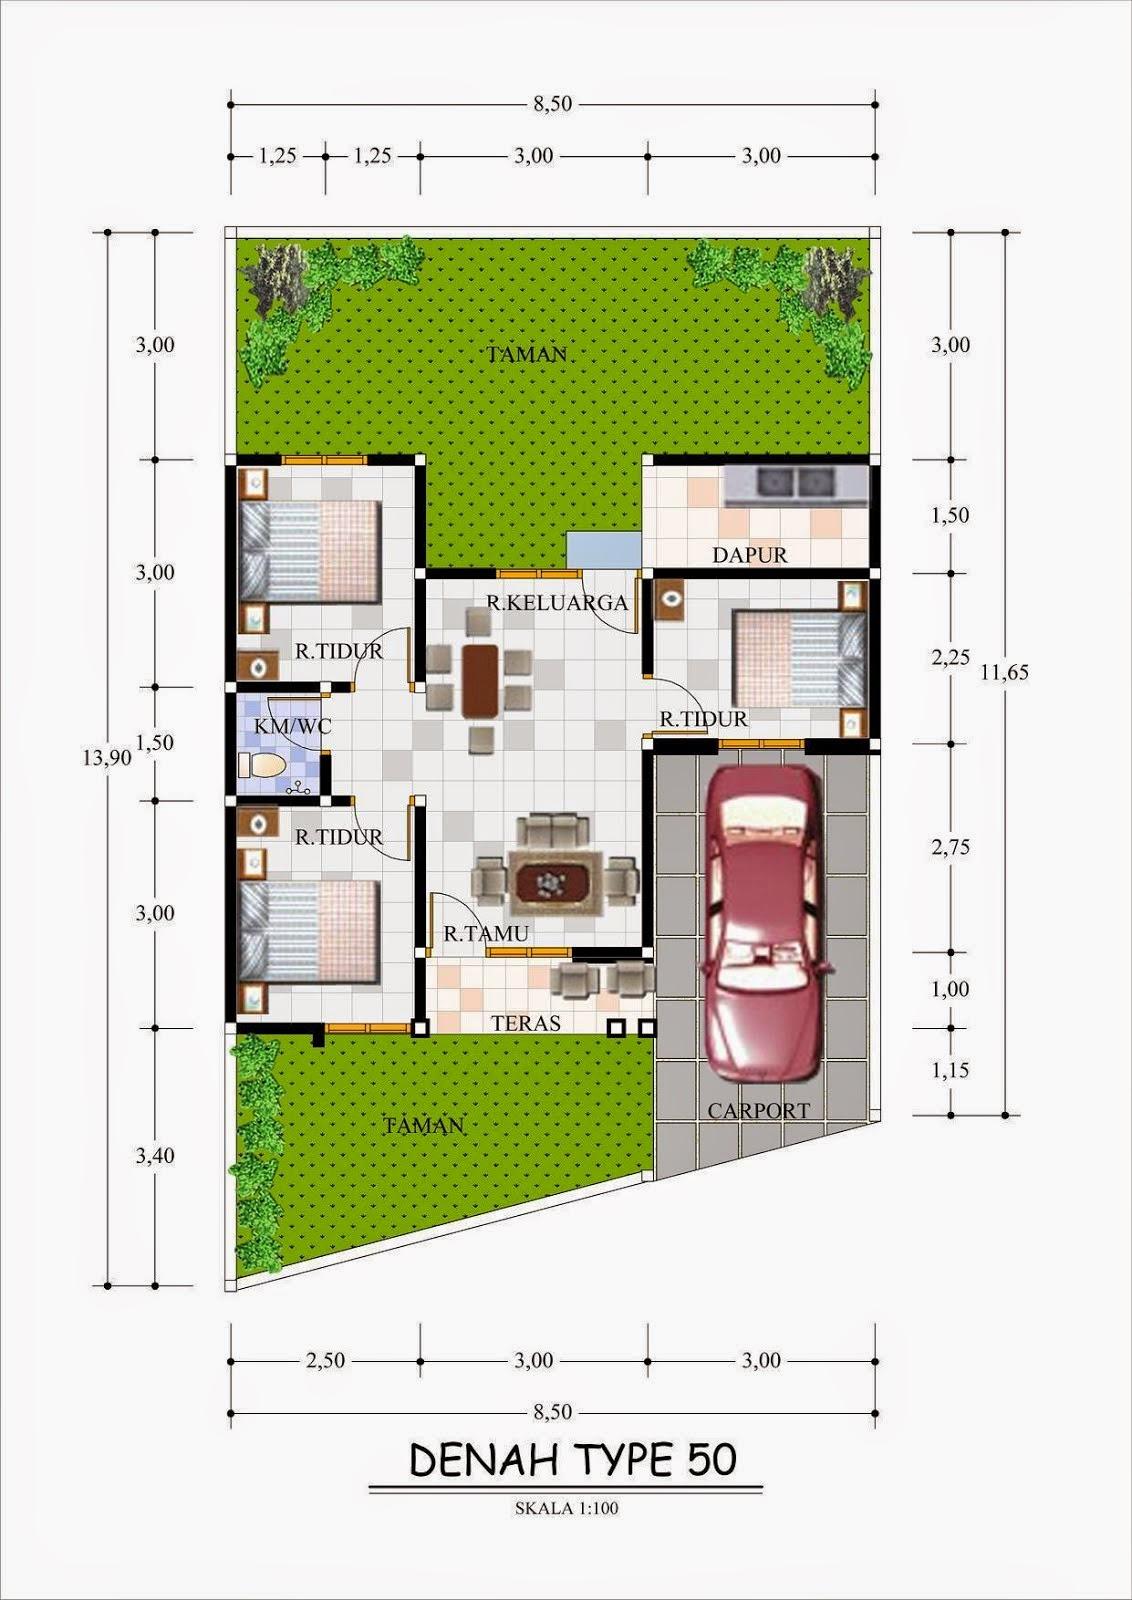 Contoh Gambar Desain Rumah Minimalis Type 60 | Aku Rumah Bagus